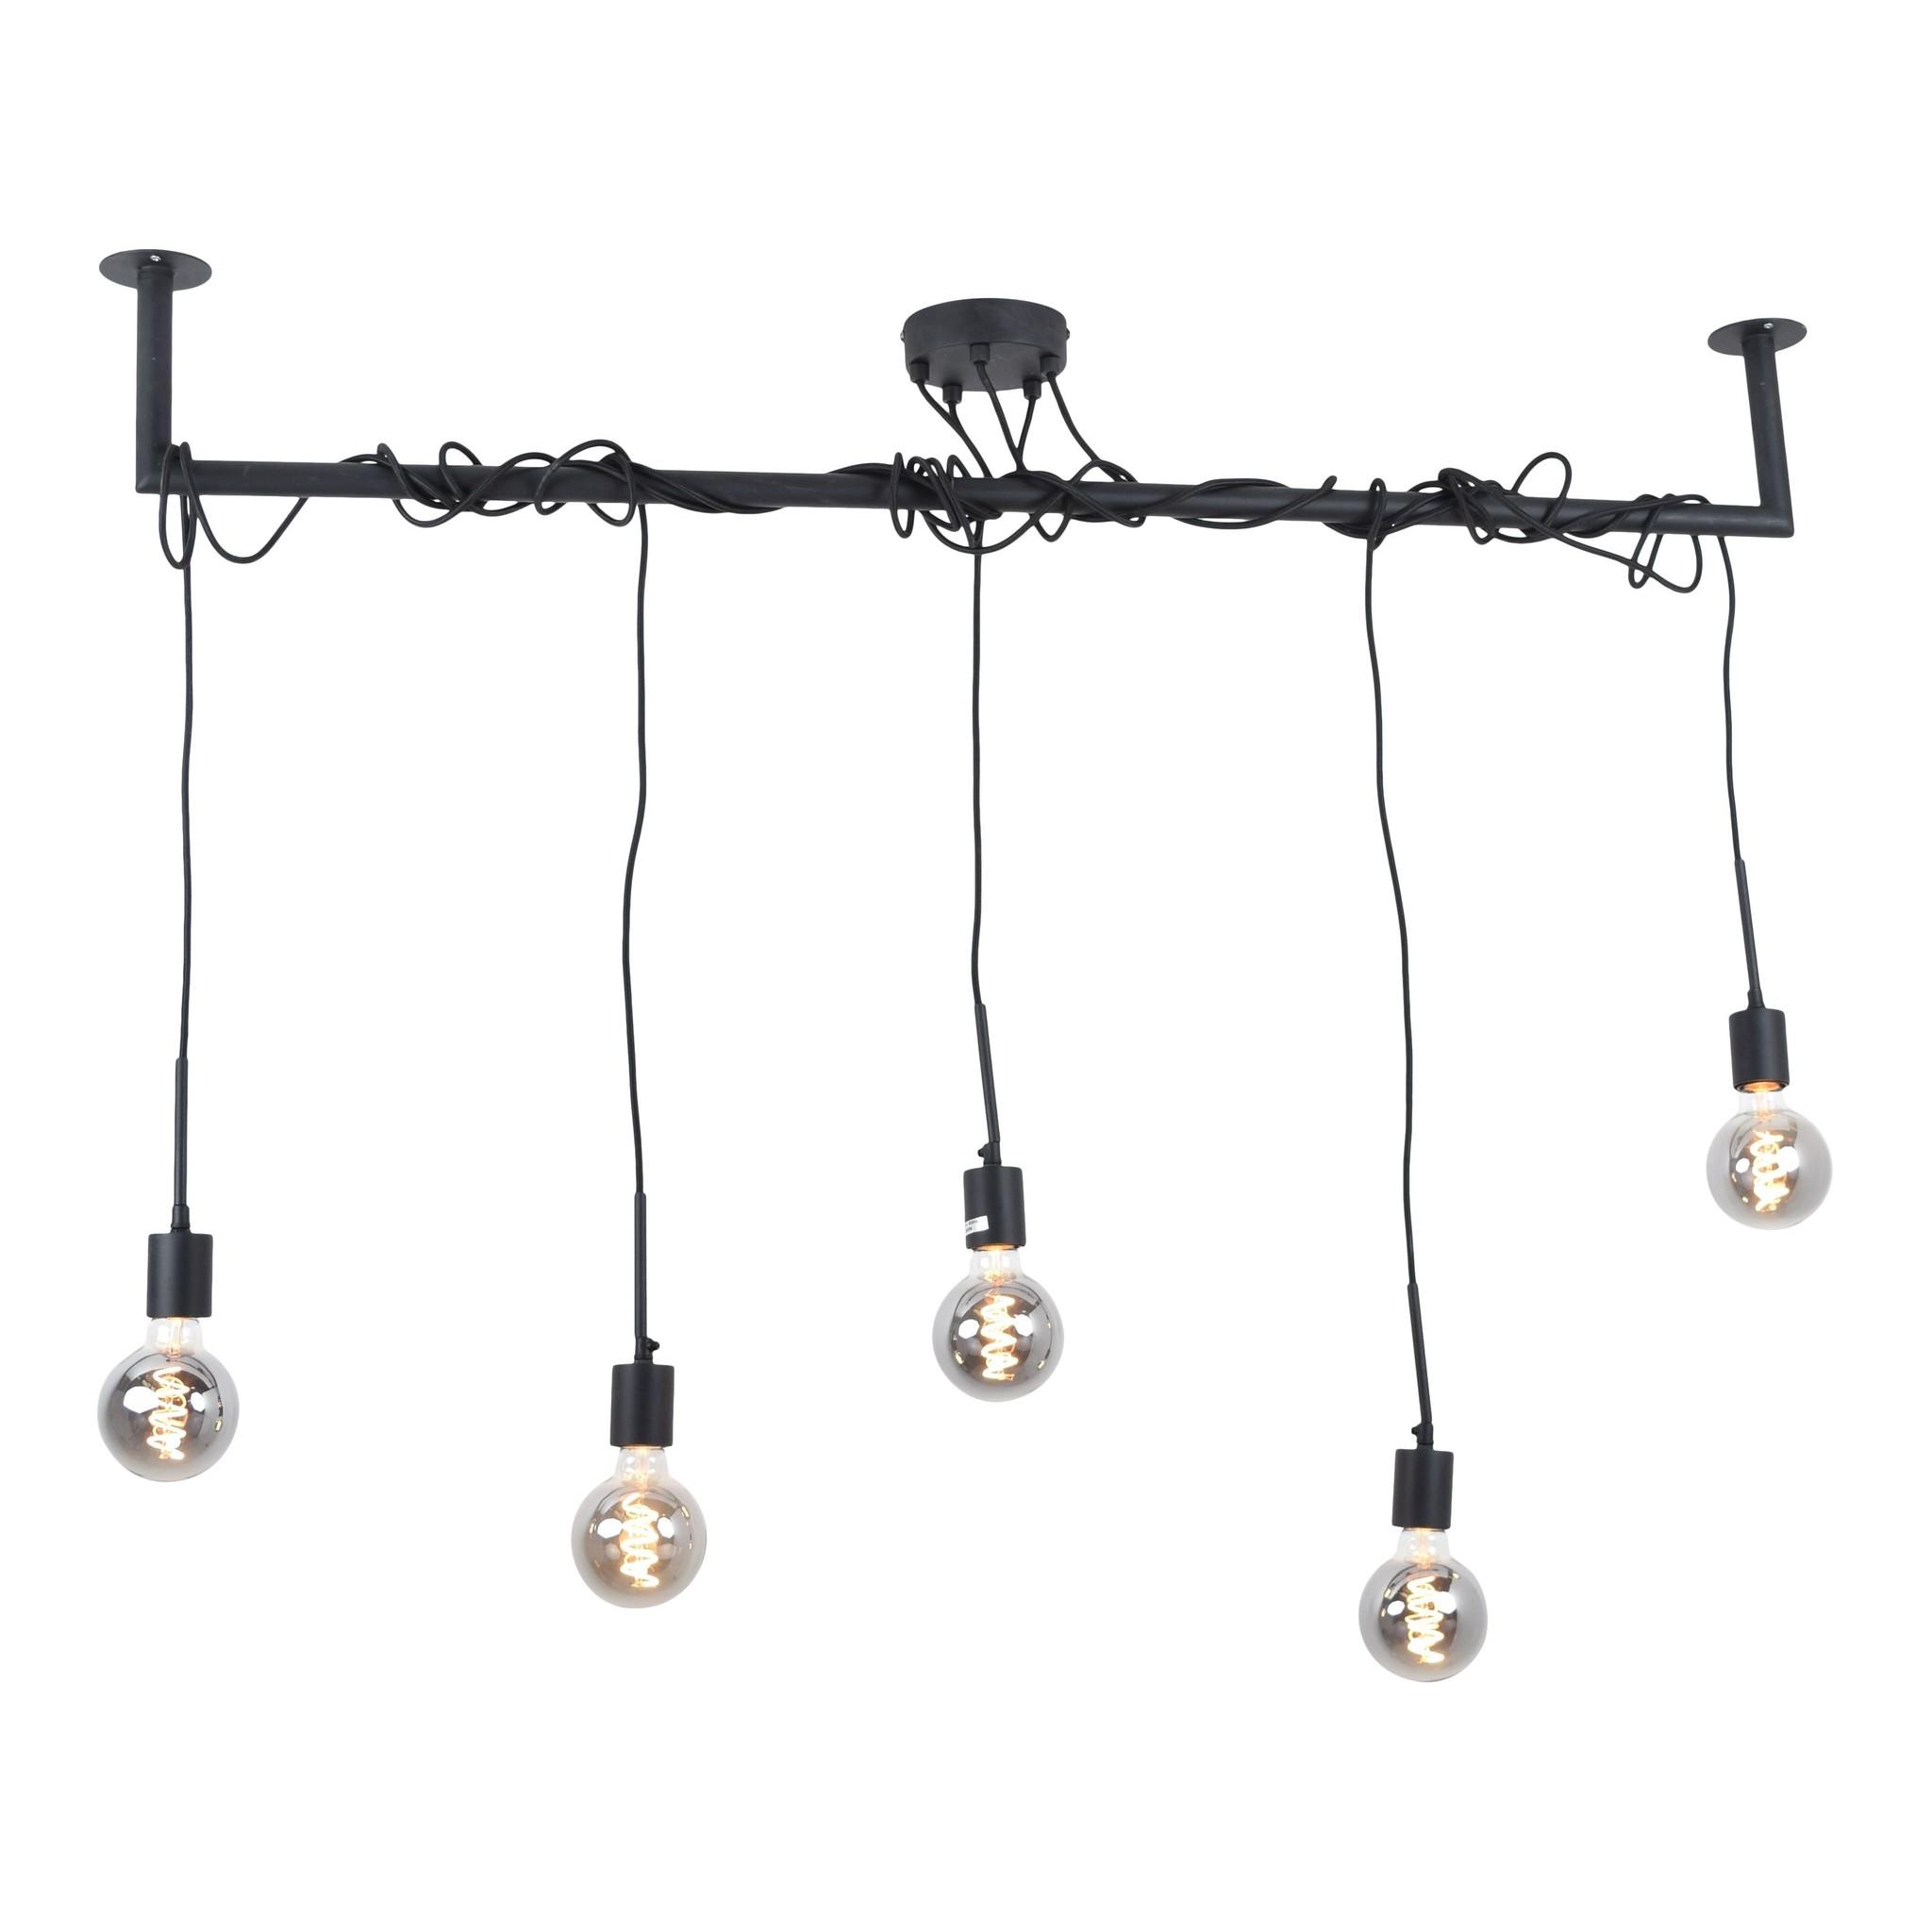 Urban Interiors Hanglamp Bar 5 lichts L 120 cm zwart